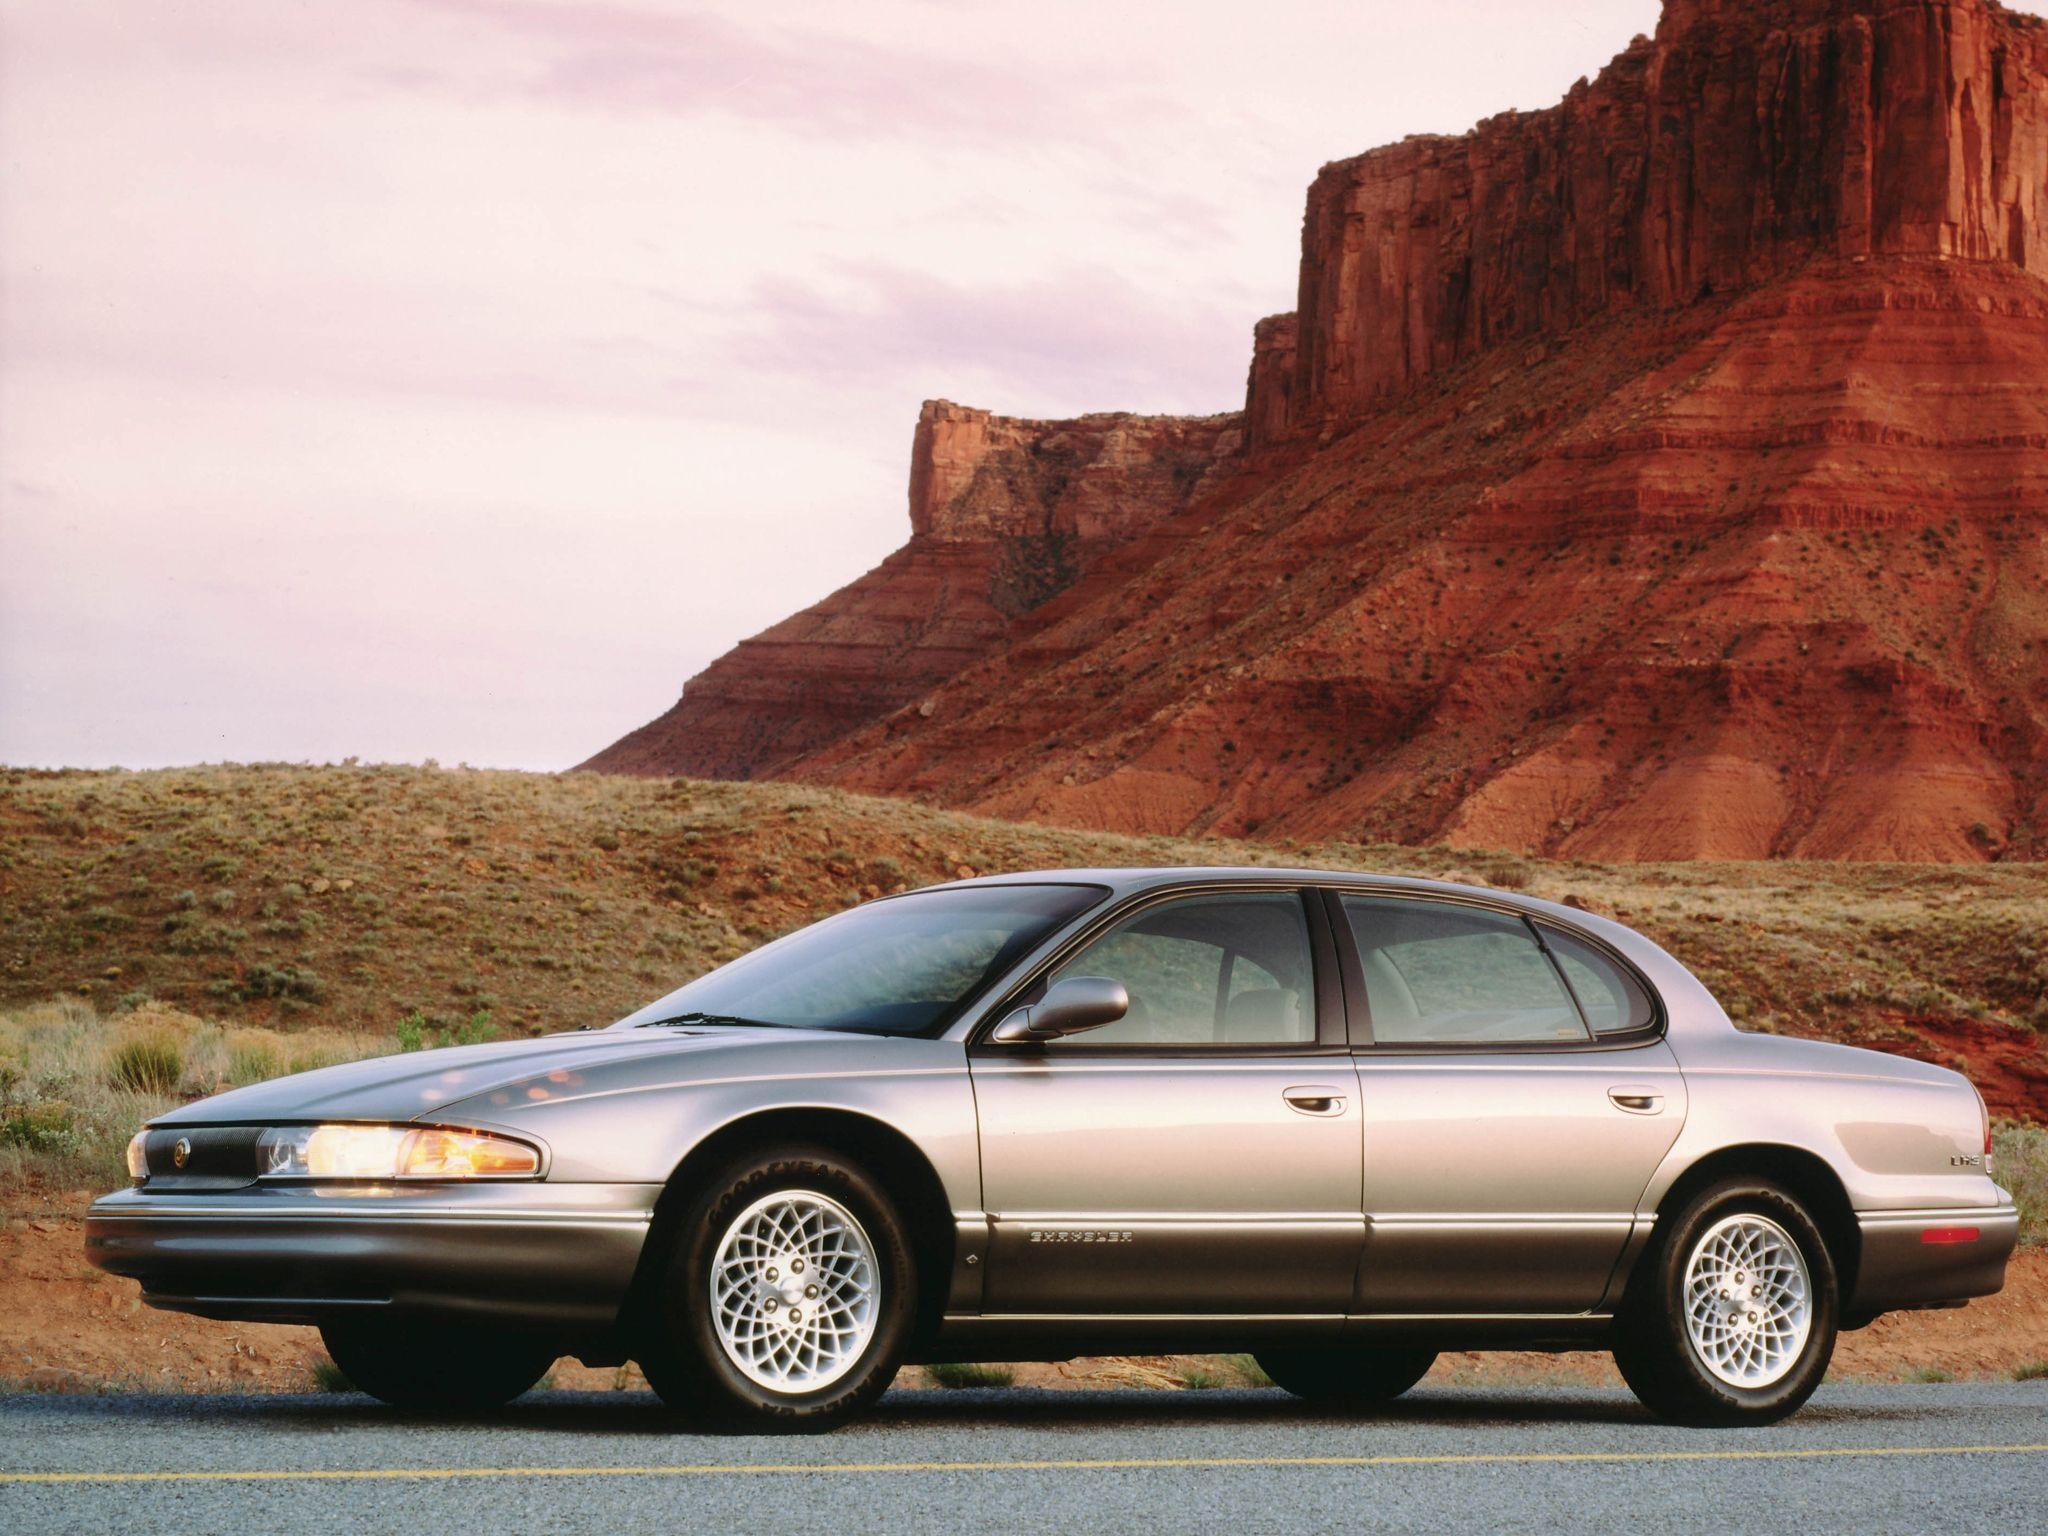 1993 Chrysler LHS Chrysler lhs, Mopar, Vehicles